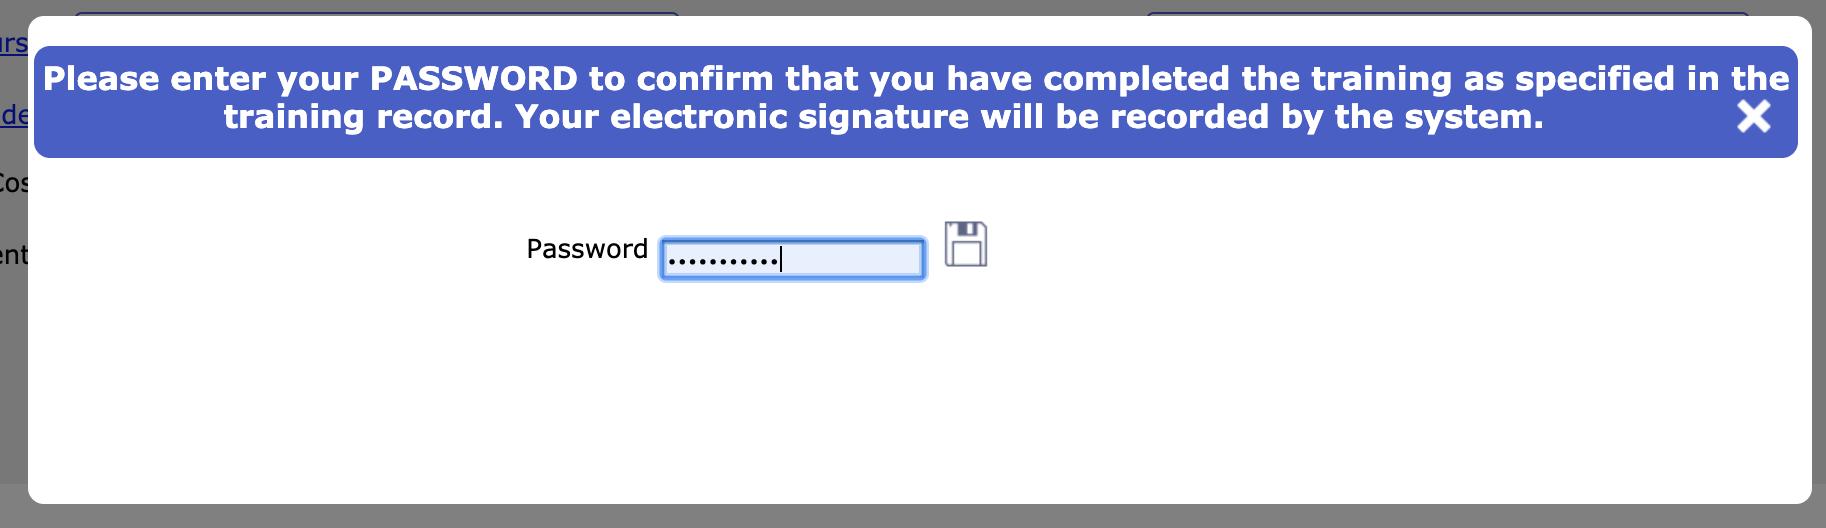 Training record e-signature